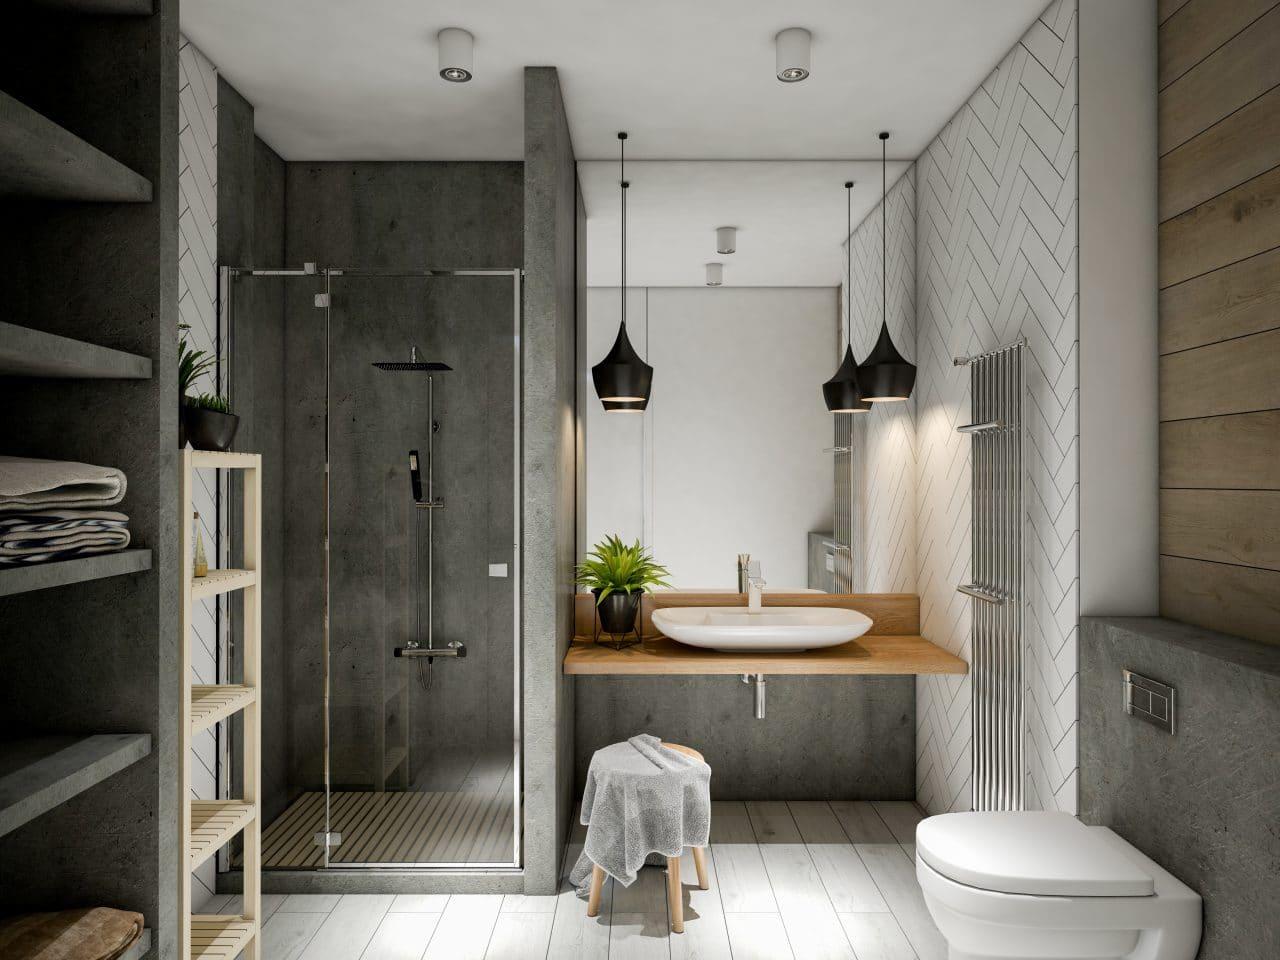 rénovation salle de bain par illiCO travaux Tours